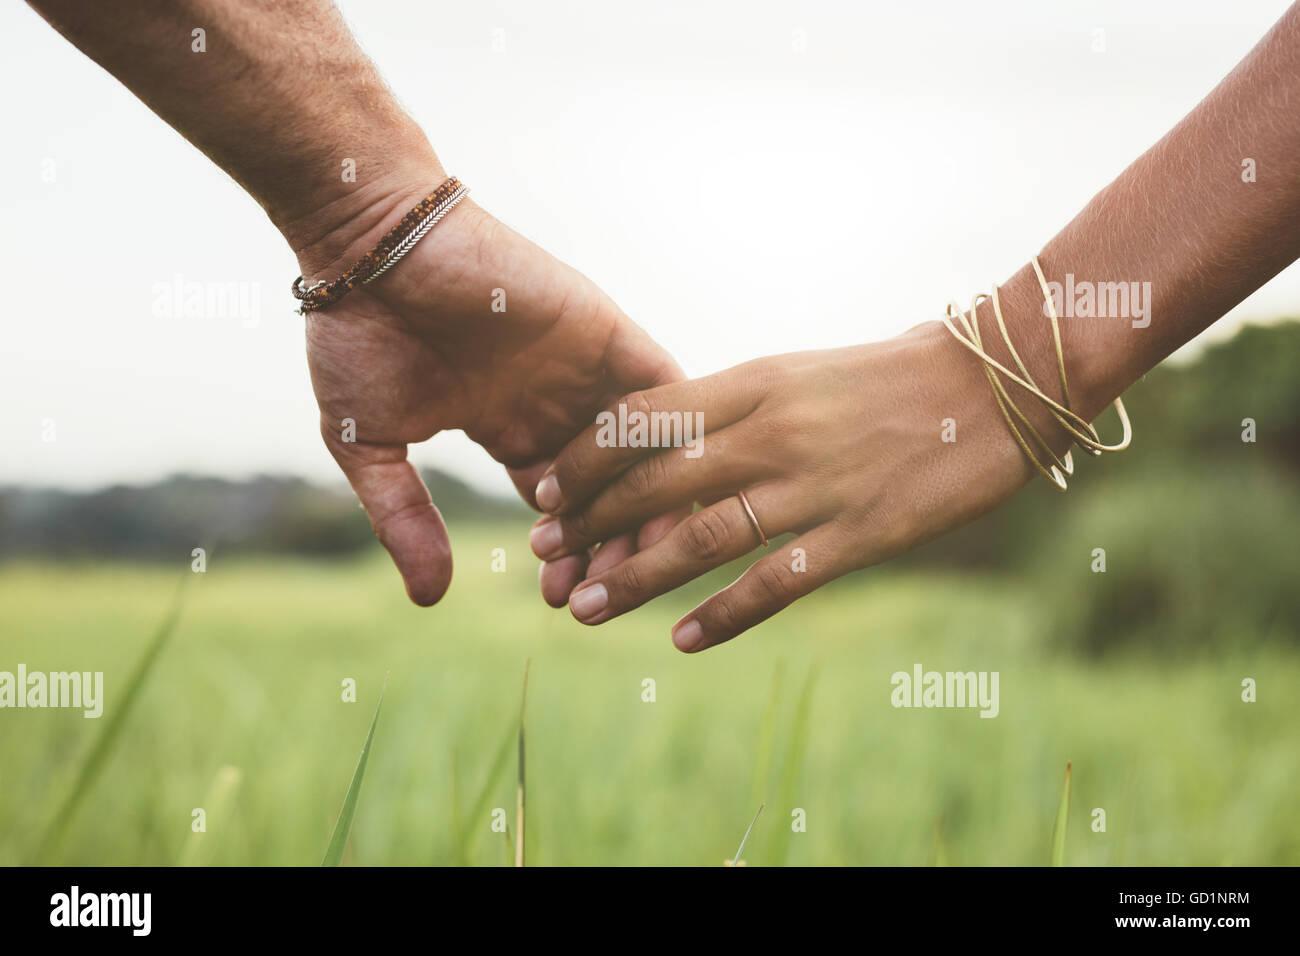 De l'horizontale à travers marche main dans la prairie avec l'accent sur les mains . Photo Stock